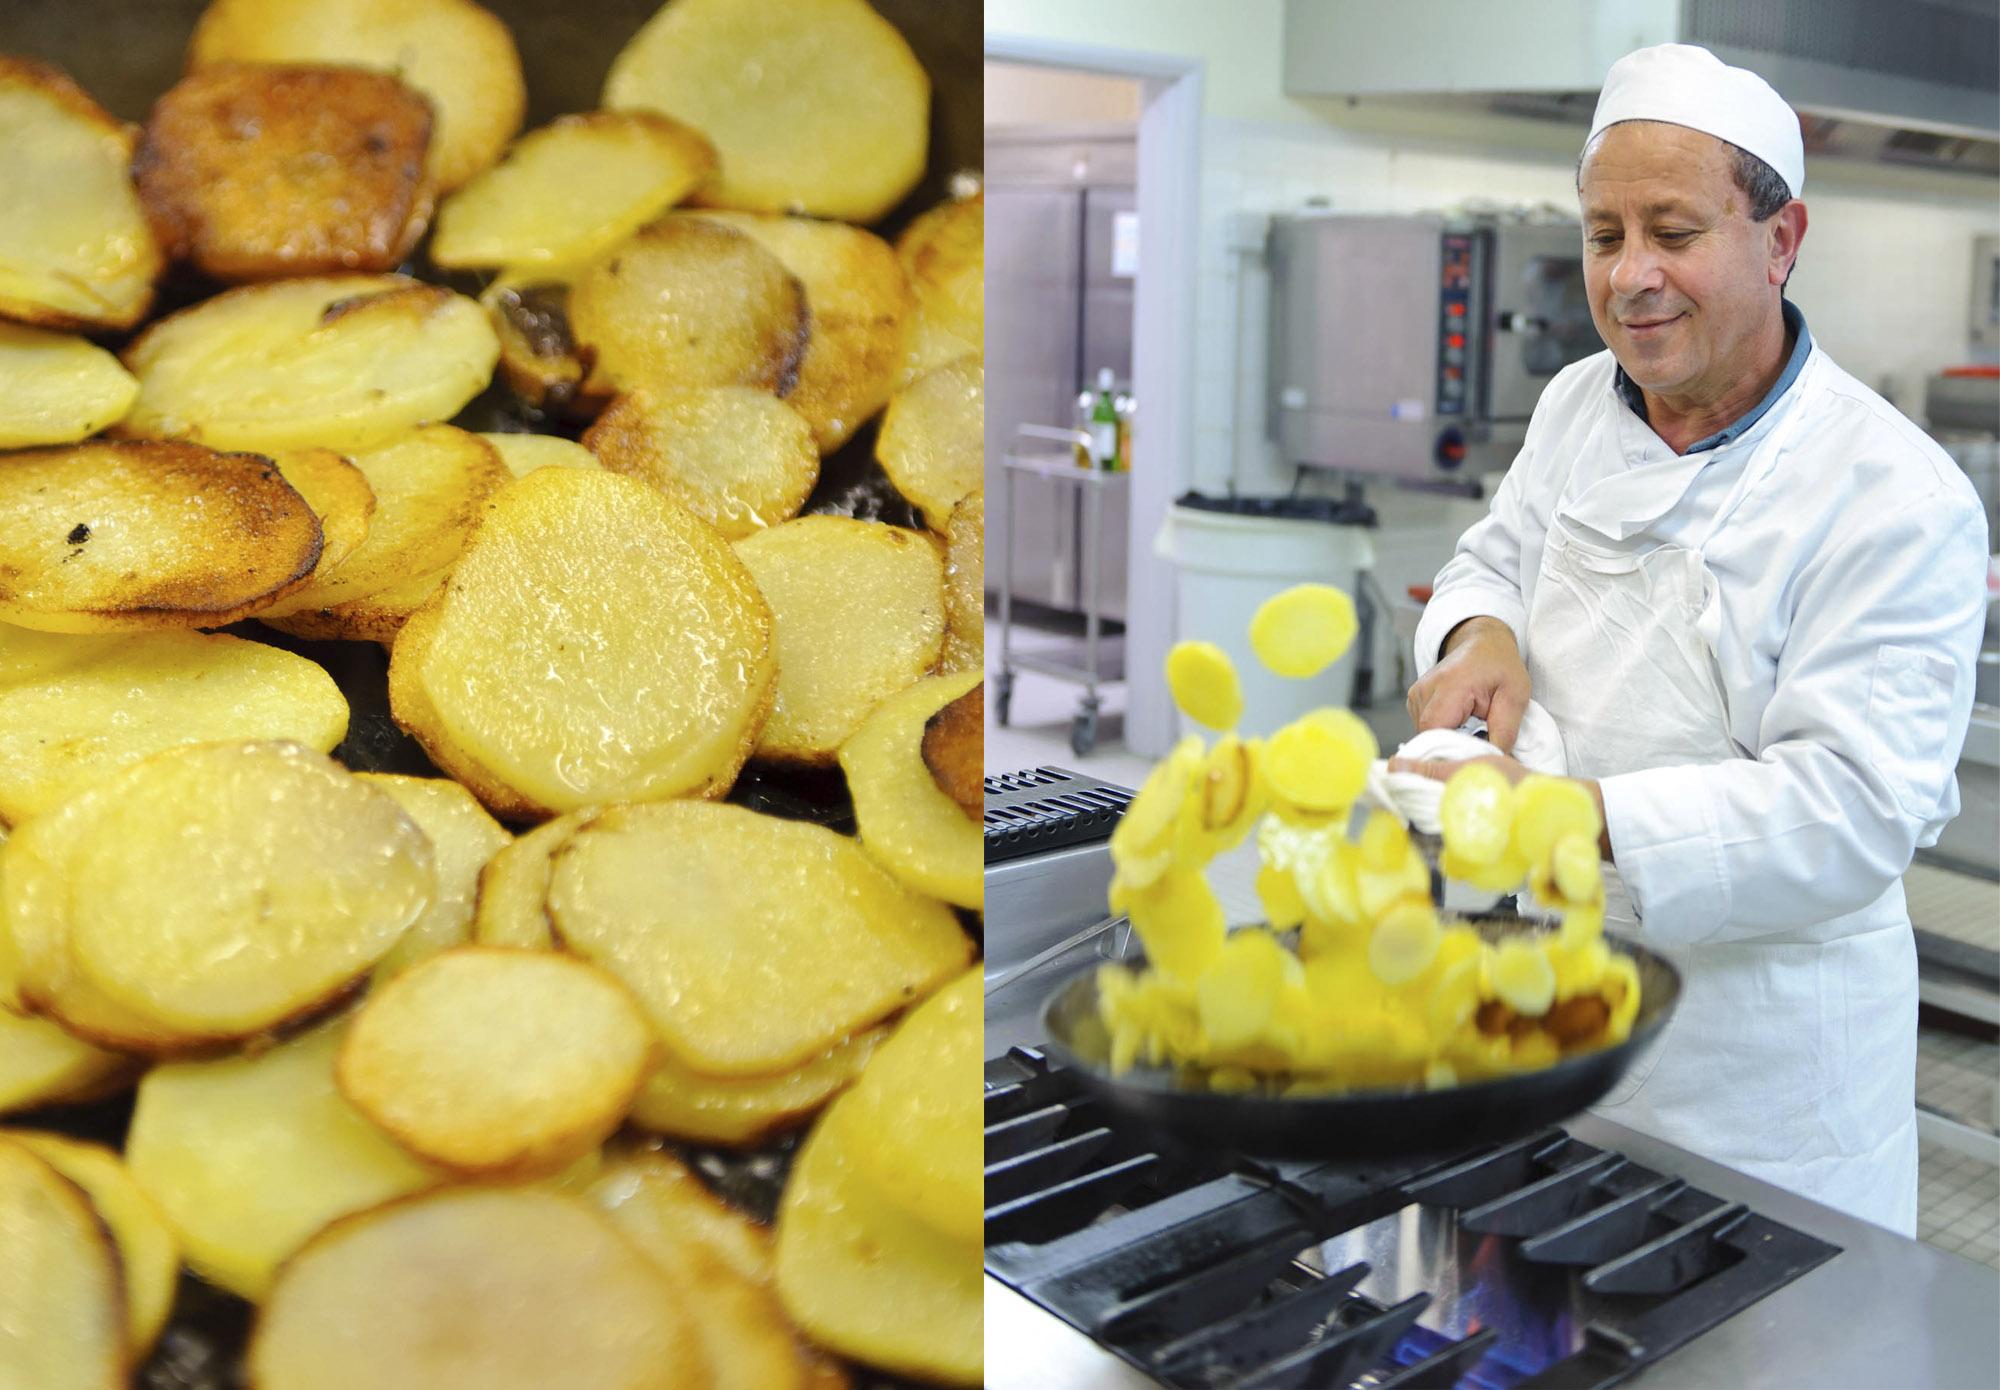 Prise de vue culinaire, cuisinier fesant sauter des pommes de terres